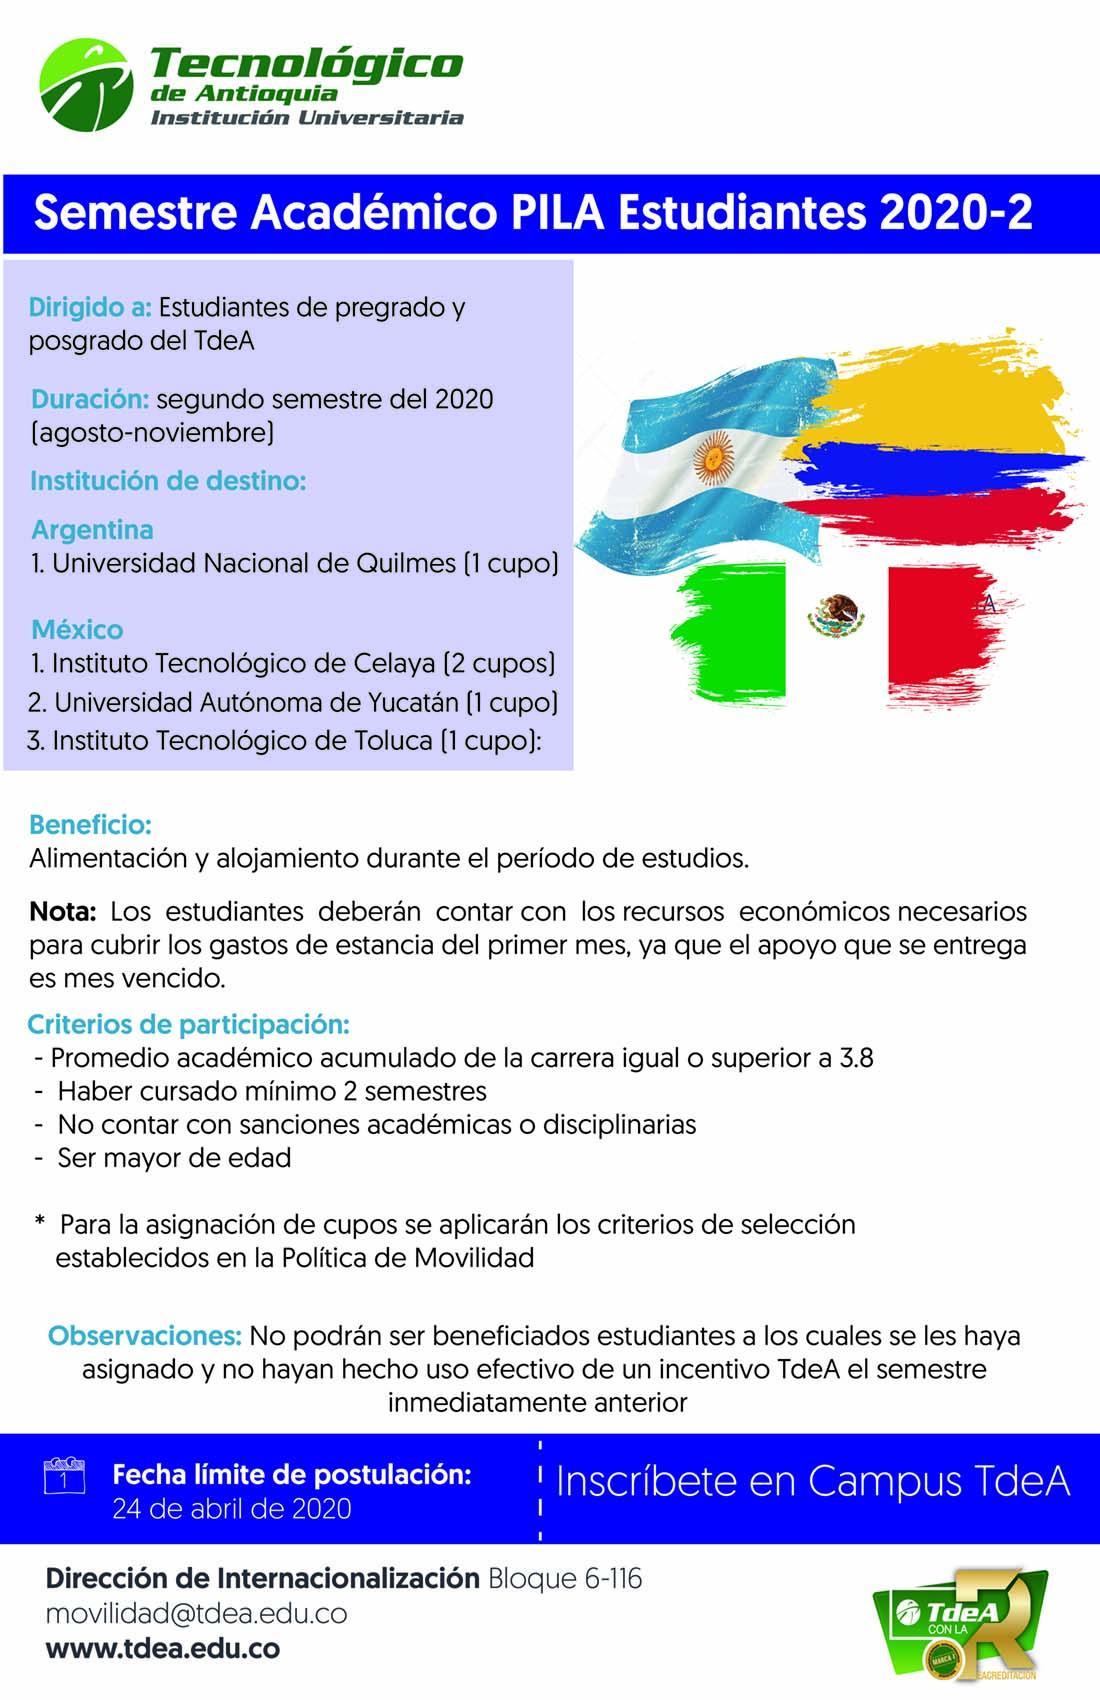 Semestre académico PILA estudiantes 2020-02